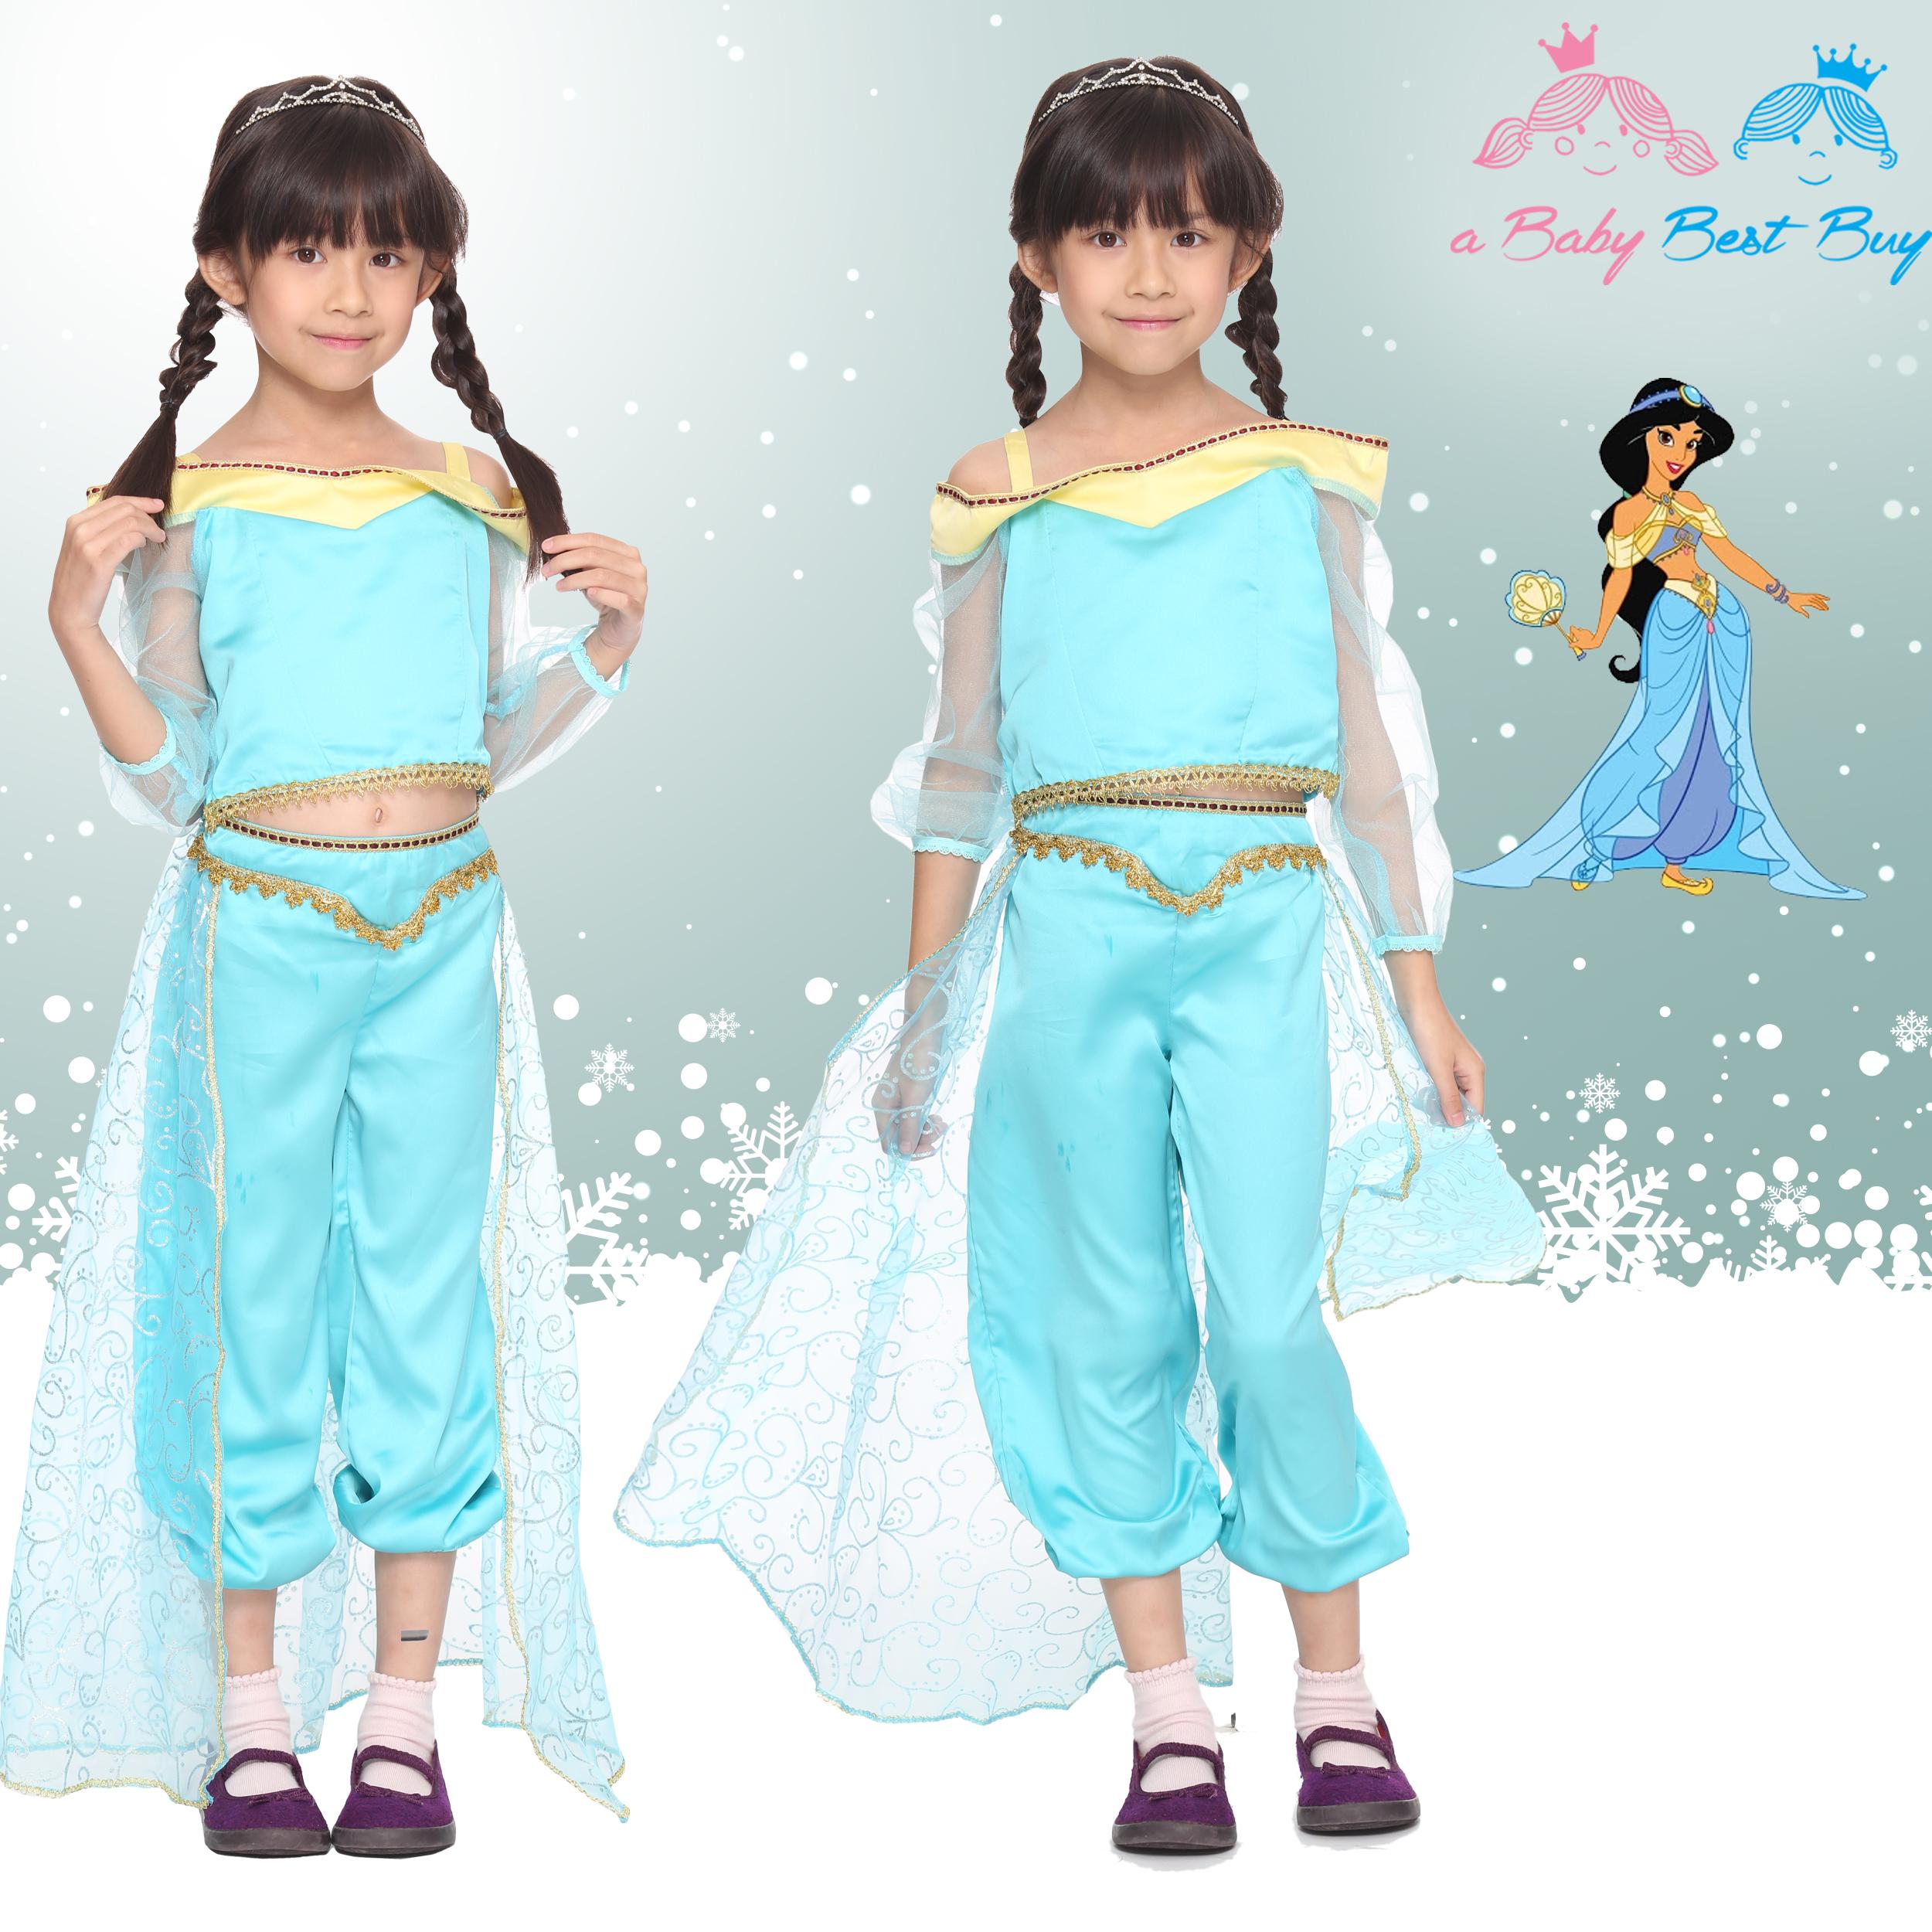 """"""" ชุดแฟนซี Jasmine Princess ชุดแฟนซีเจ้าหญิง ชุดแฟนซีเด็ก เจ้าหญิงจัสมิน ผ้าดี ใส่สบาย (สำหรับเด็กอายุ 2-9 ปี)"""